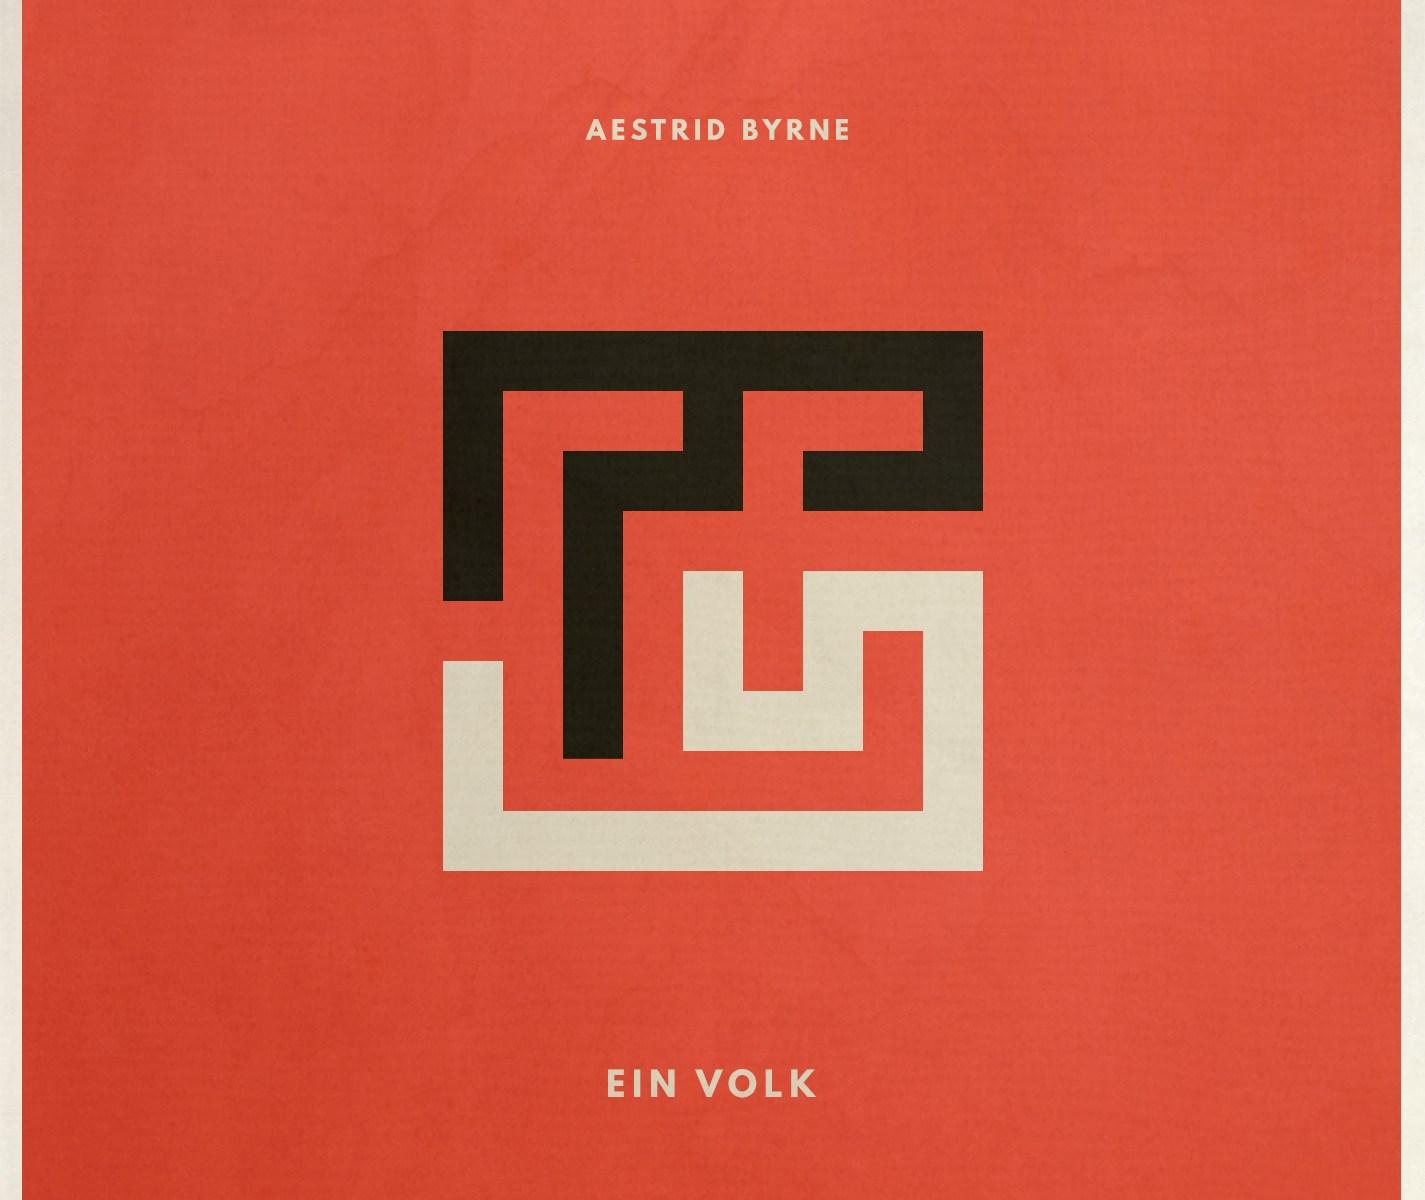 Ein Volk, by Aestrid Byrne